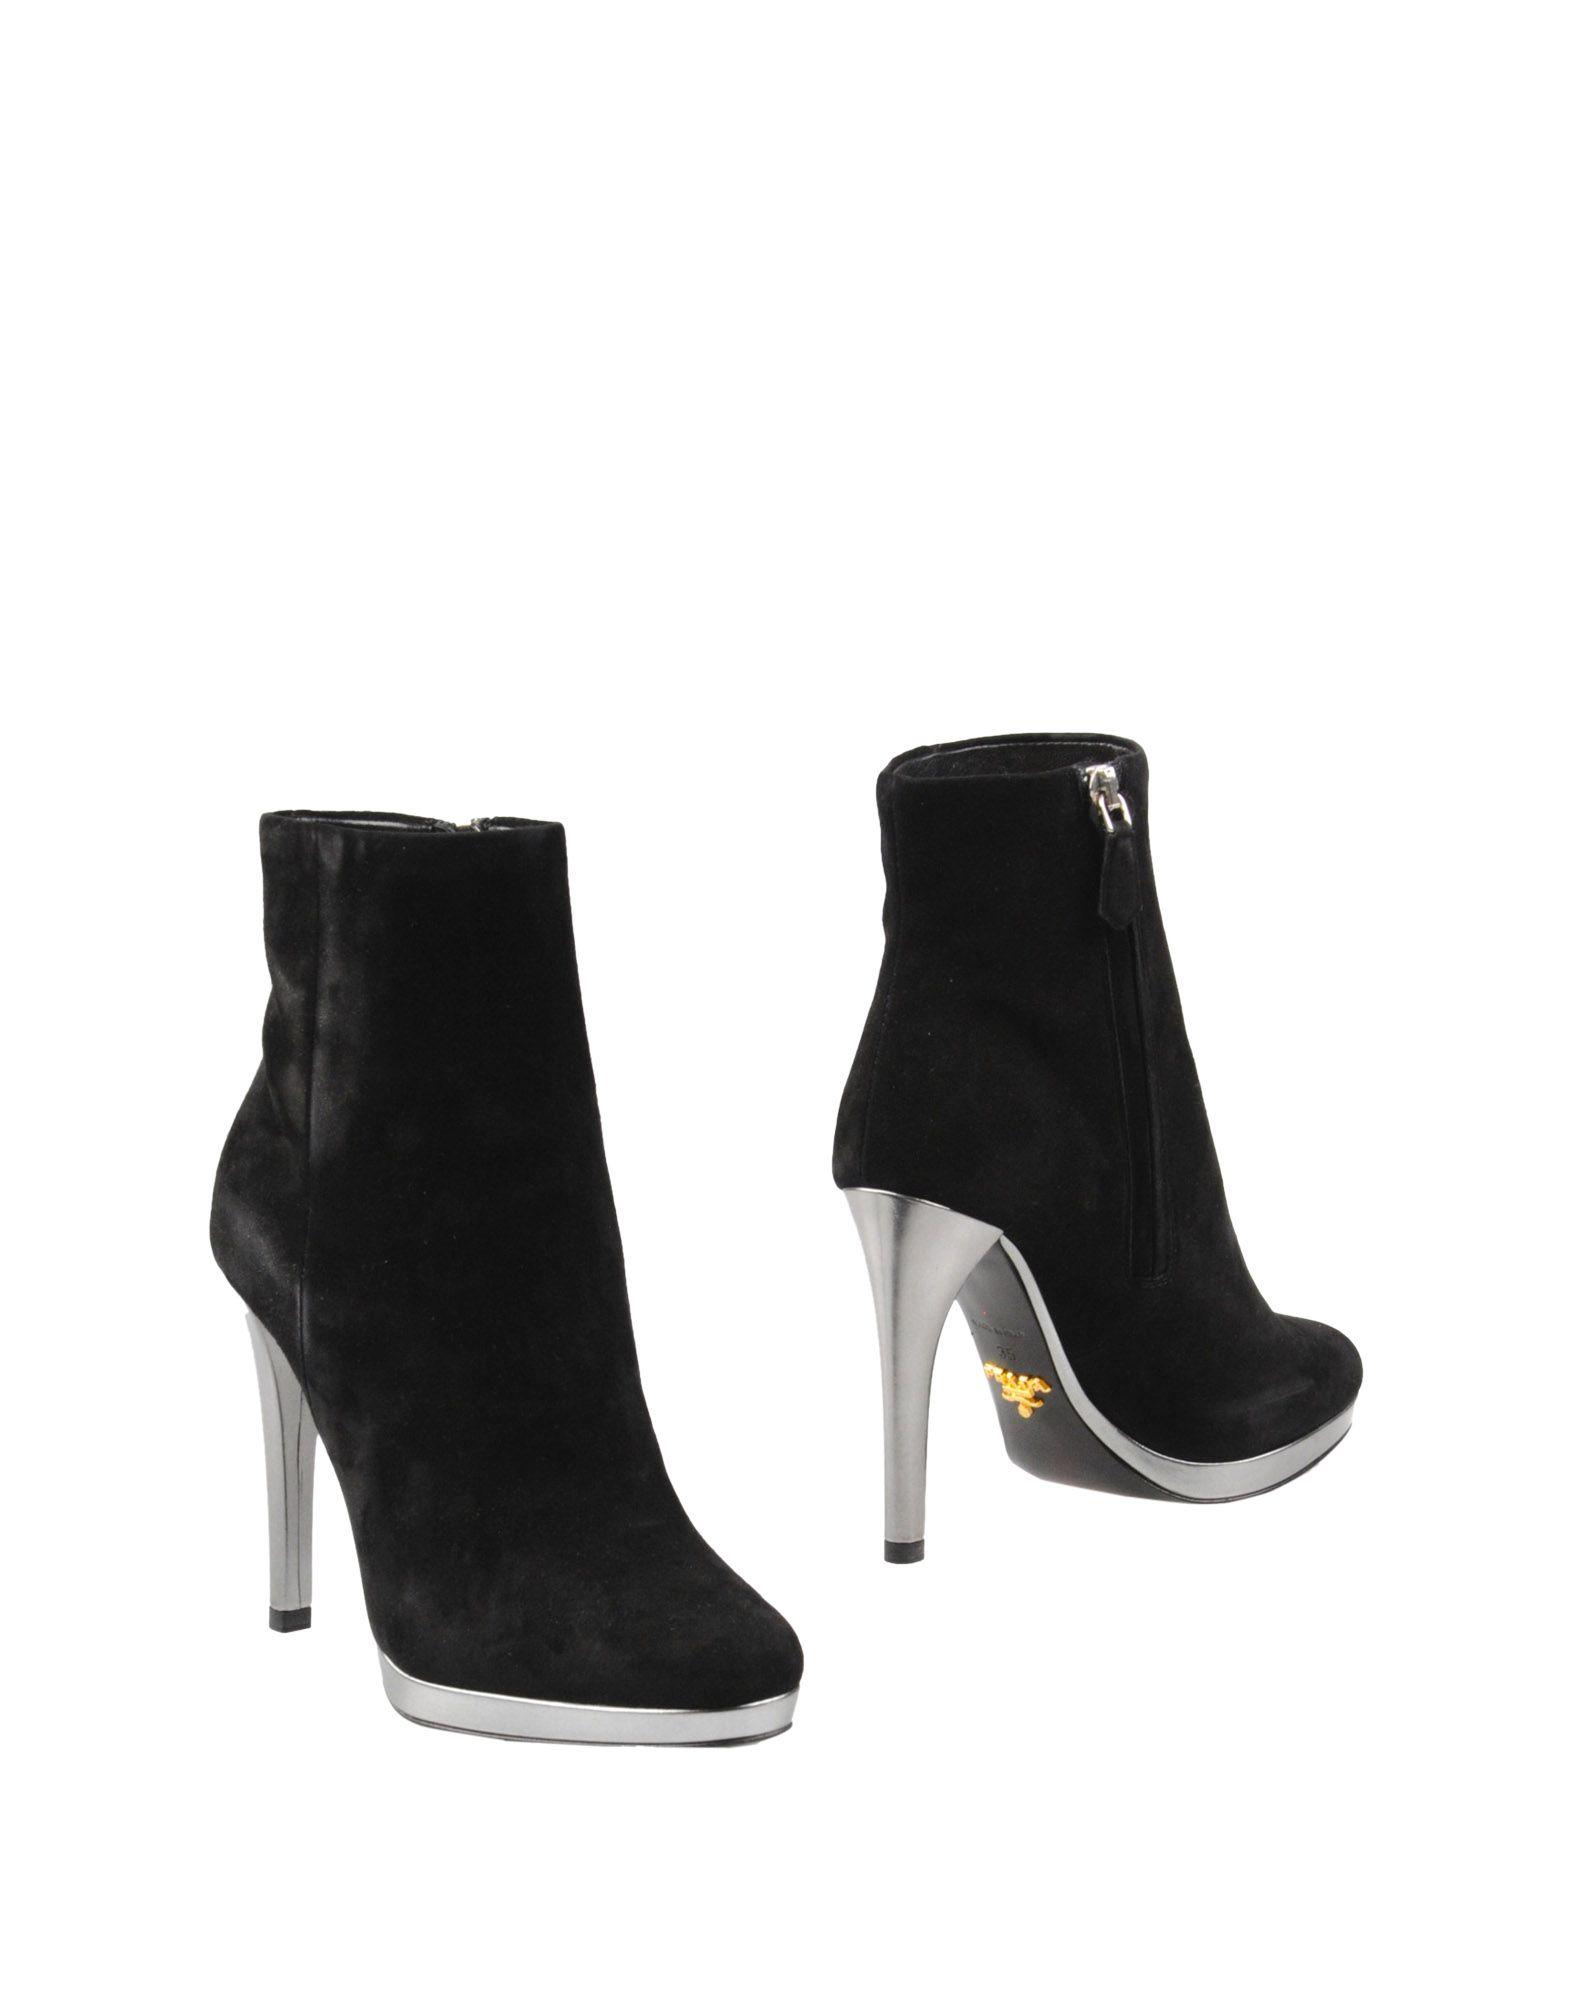 Prada Ankle Ankle Boot - Women Prada Ankle Ankle Boots online on  United Kingdom - 11276289JE 9ea9f5